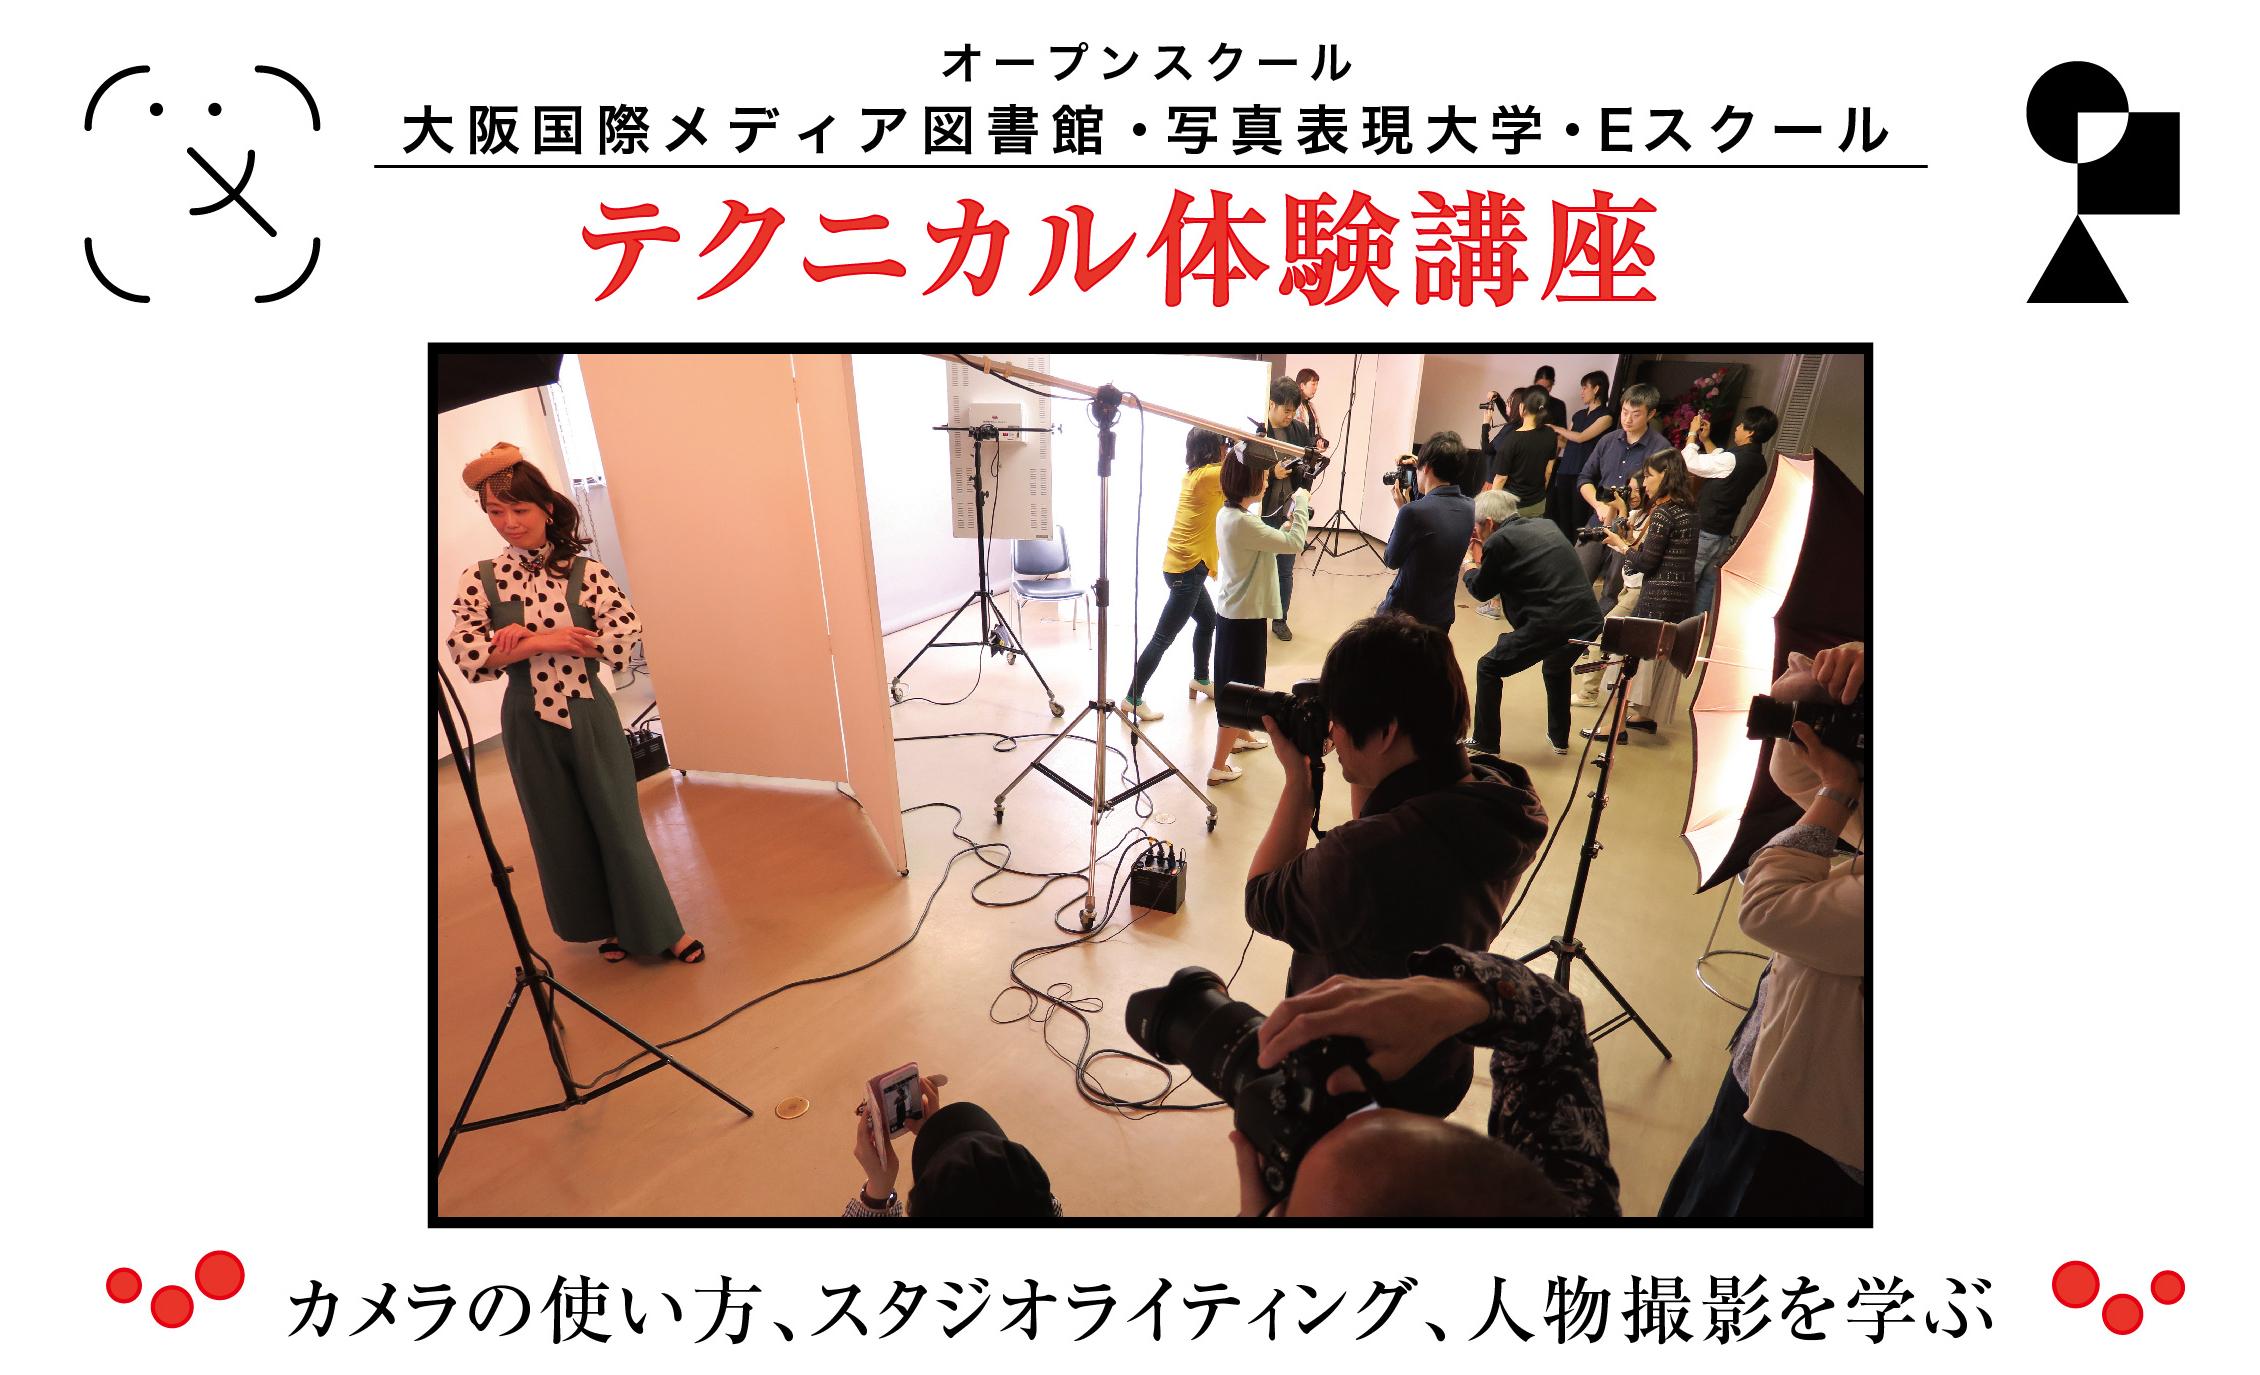 〈テクニカル体験講座〉「カメラの使い方、スタジオライティング、人物撮影を学ぶ」写真の「テクニカル講座」を3回の演習授業で開きます。デジタルカメラに頼るだけでは似た様な写真になりますが、デジタルを使いこなし、自分流の光を創り、人の心を写せば個性豊かな写真ができます。さらには、美術写真史を学び、写真集を見て、撮影を始め、編集の眼力がつけば、作家やプロの道にも進めます。表現者へのゲートが「写真表現大学」のカリキュラムです。〈テクニカル体験講座〉は大阪国際メディア図書館(写真・美術・映像・デザイン・音楽等の専門図書館)が運営する写真表現大学(あらゆる写真を本格的・体系的に学べるフォトスクール)及びEスクール(映像・CG・ドローン・サウンドを横断的・総合的に学べる映像メディア系スクール)の短期講座です。